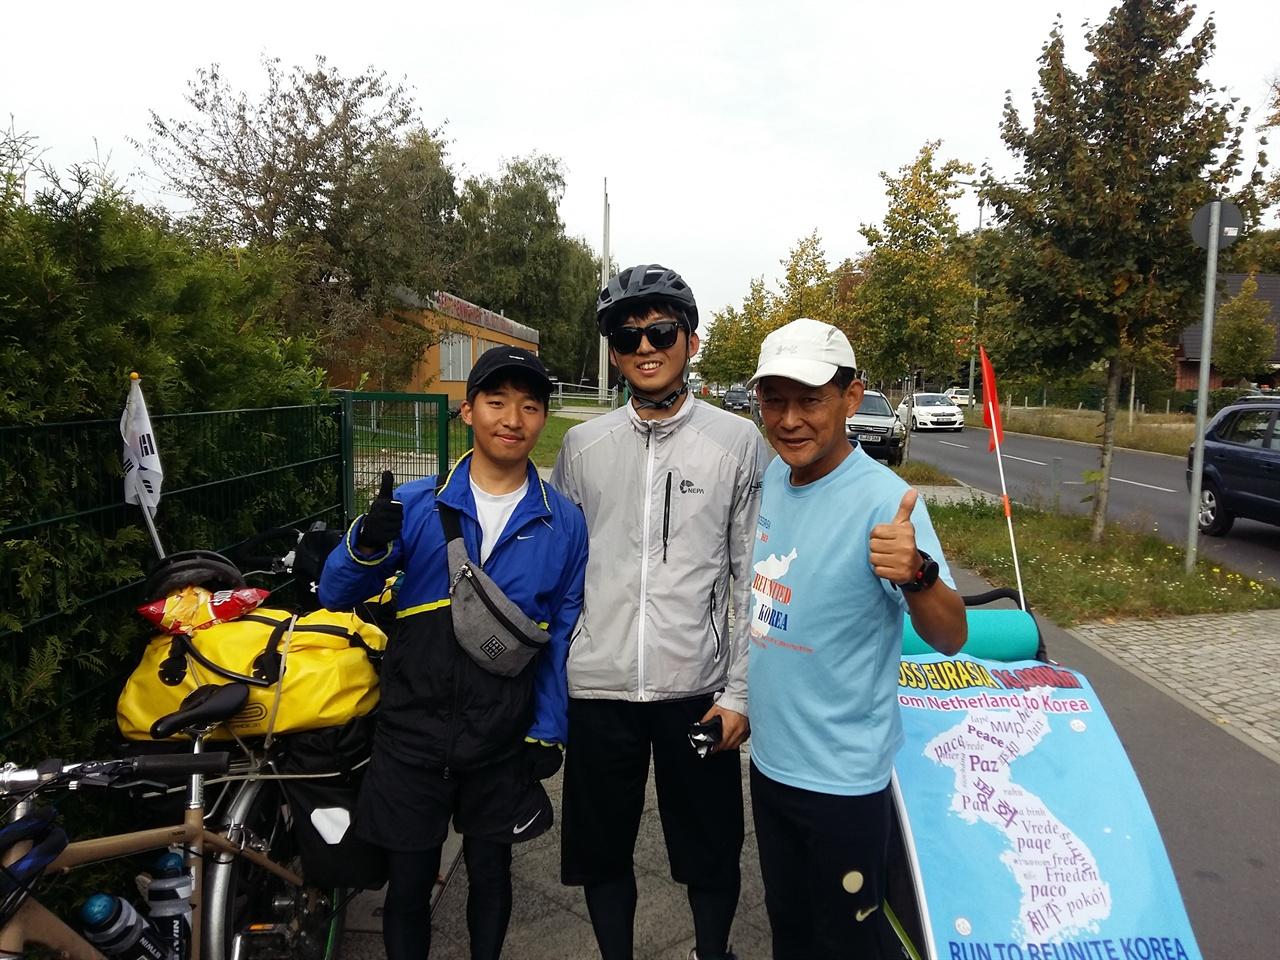 자전거로 세계여행 둥인 청년들과 베를린에서 출발하여 체코로 향하던 중 지나쳐가던 자전거 여행 청년들을 불러 같이 기념사진을 찍다.